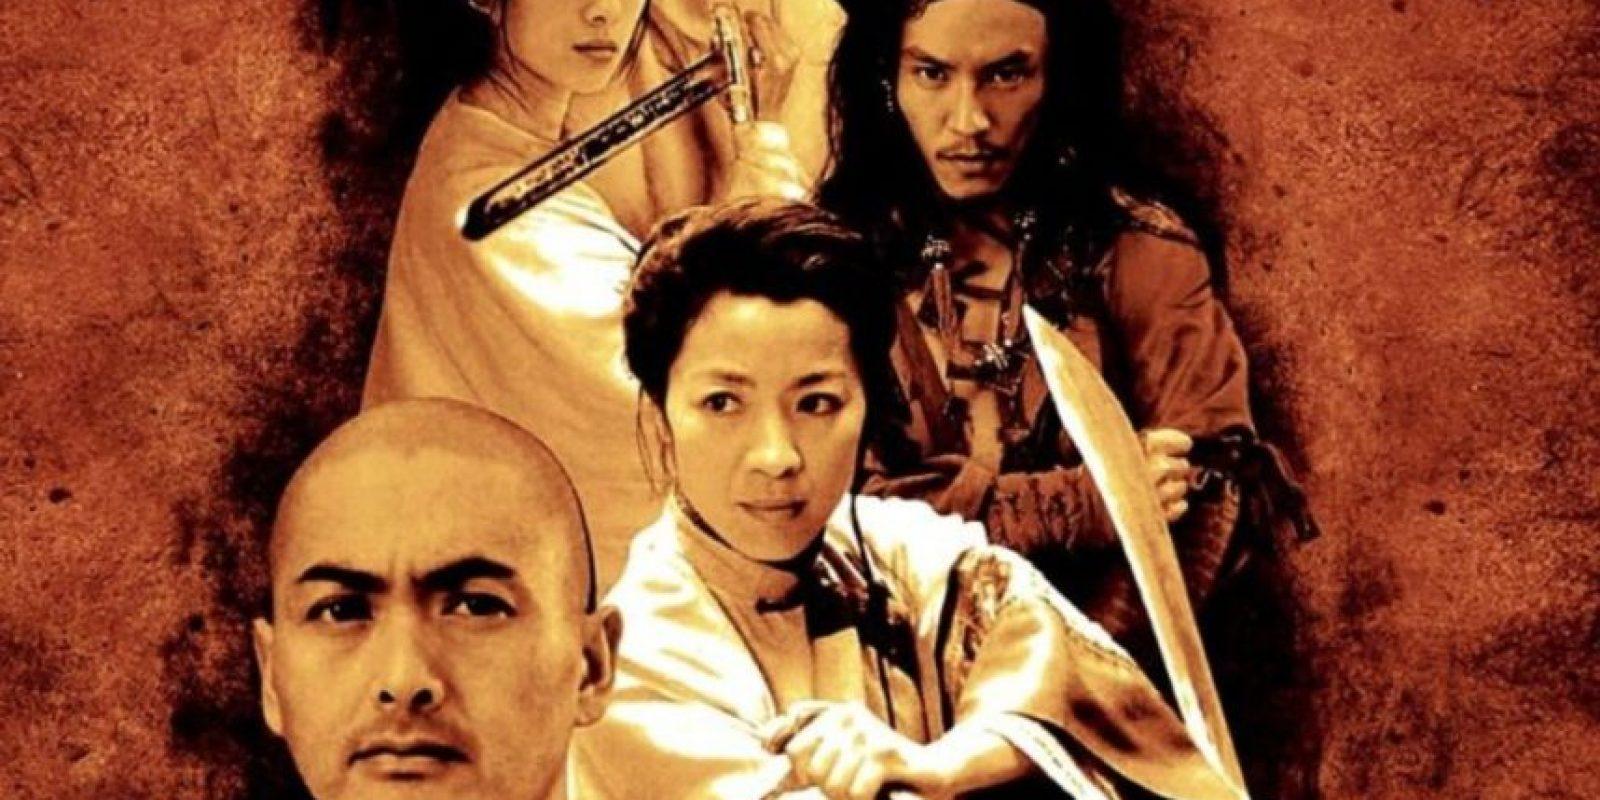 """5- """"El Tigre y el dragón"""" está basada en Tigre agazapado, dragón escondido, la cuarta novela de la llamada Pentalogía de Hierro, escrita por Wang Dulu. Ganó cuatro premios, entre ellos el Óscar a la mejor película extranjera en el año 2000. Foto:Columbia Pictures"""